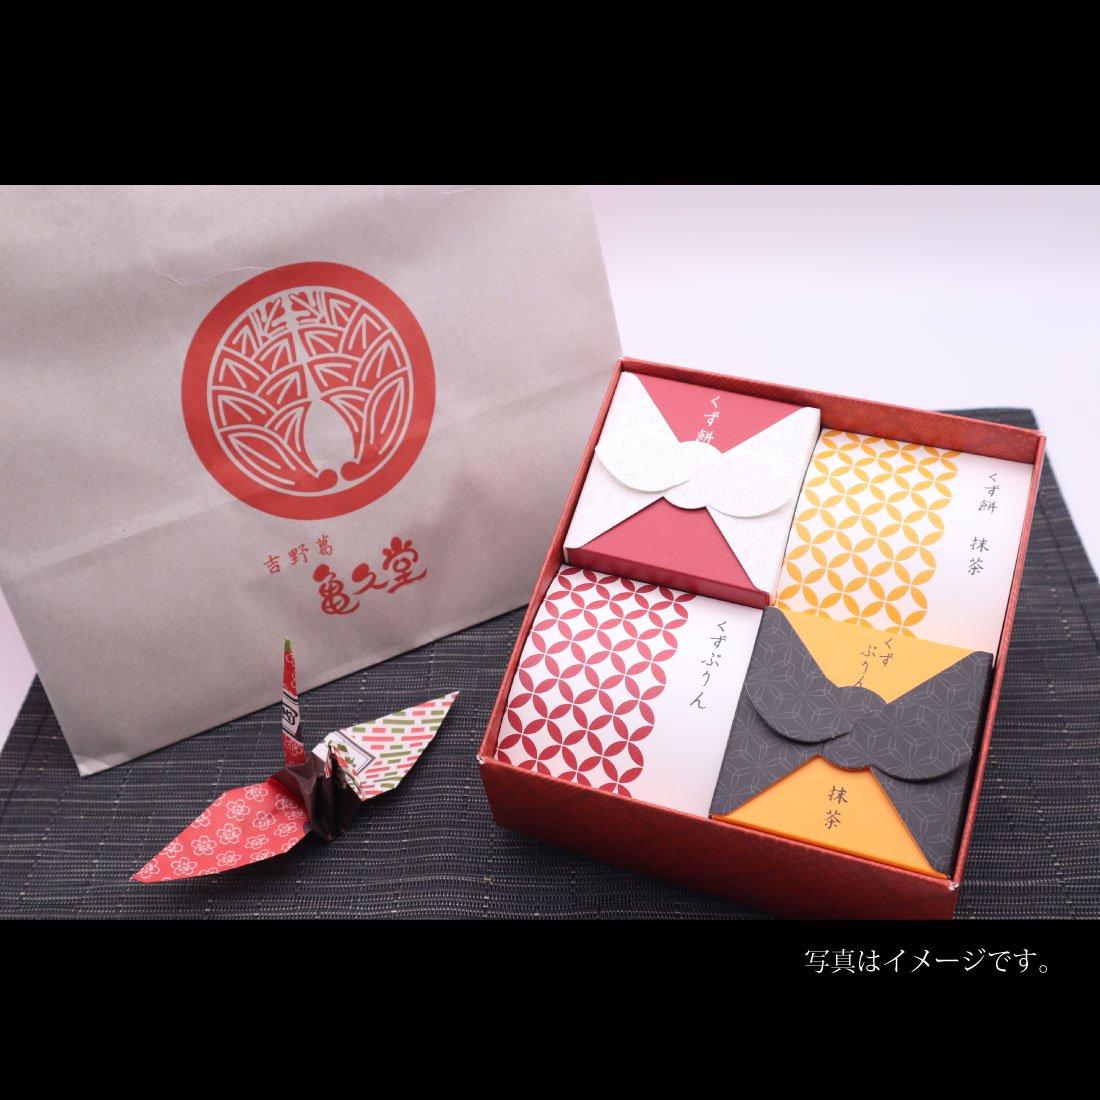 亀久堂・吉野葛すいーつ(くず餅・くずぷりん)詰め合わせ2段